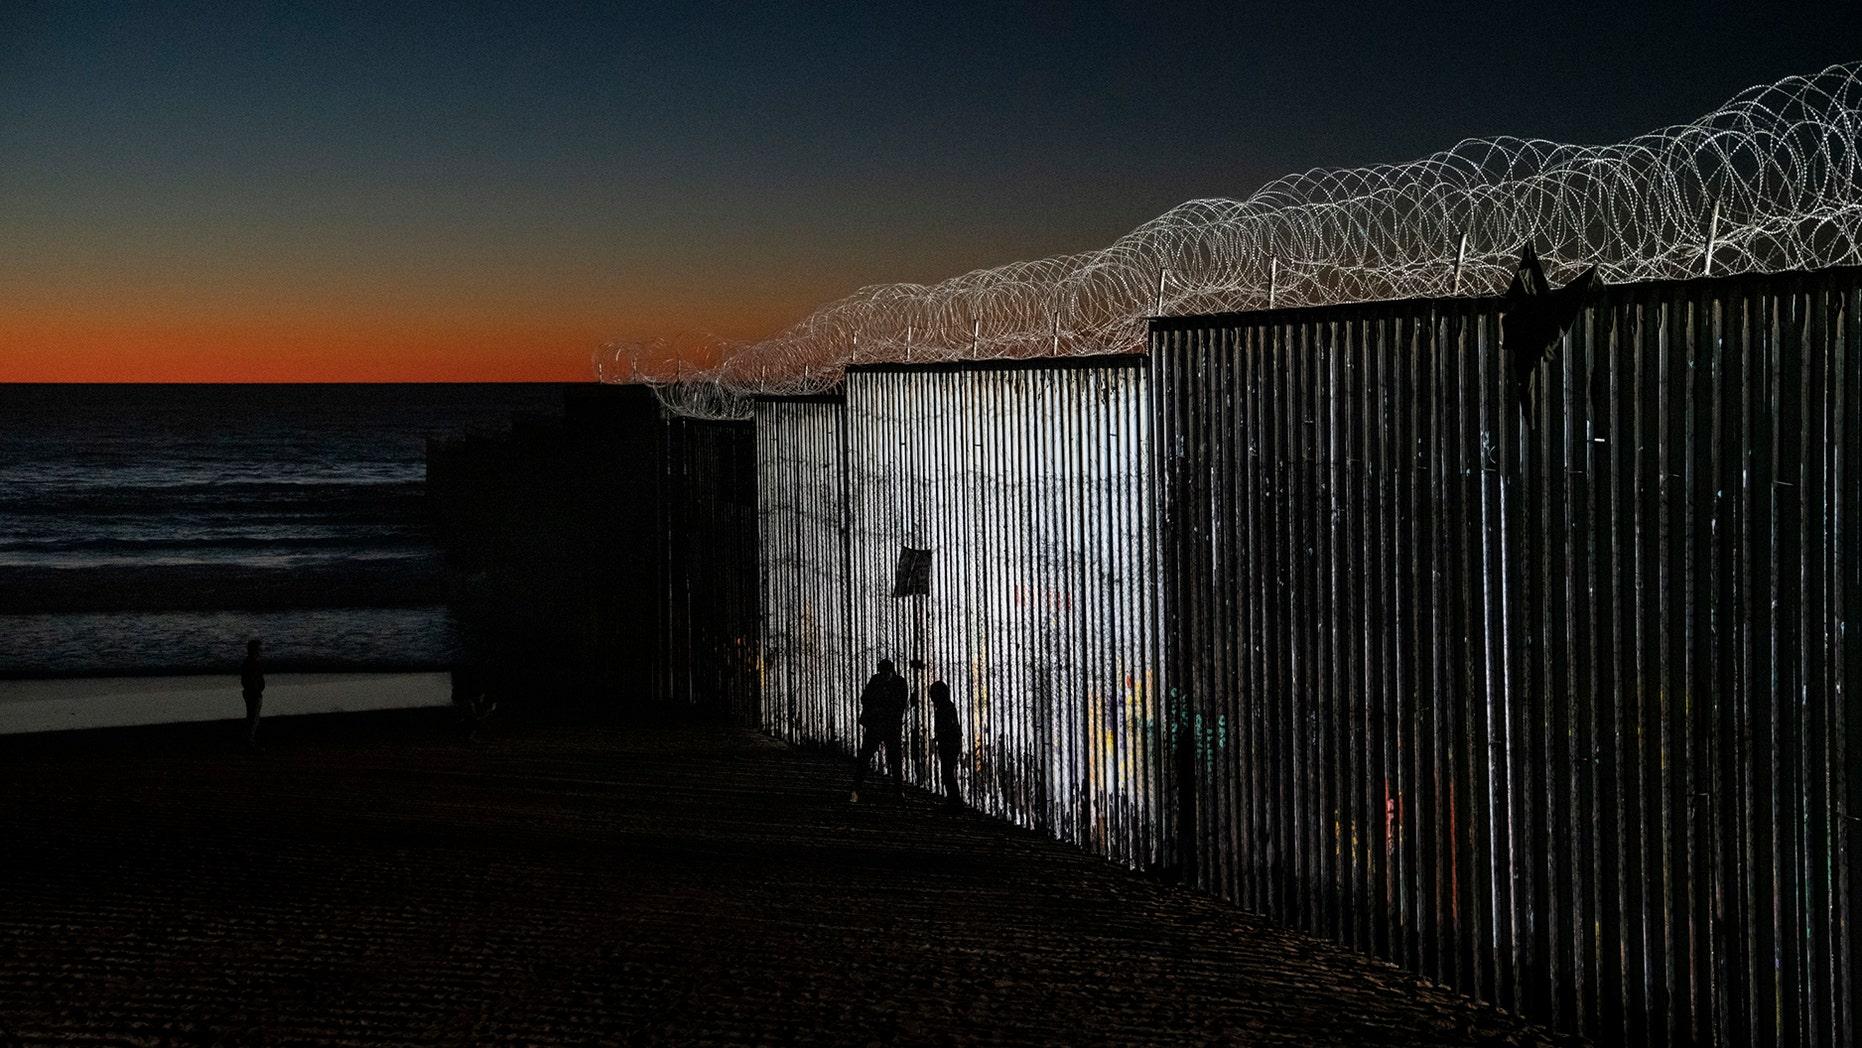 The border fence between San Diego, Calif., and Tijuana, Mexico, Wednesday, Jan. 2, 2019. (AP Photo/Daniel Ochoa de Olza)